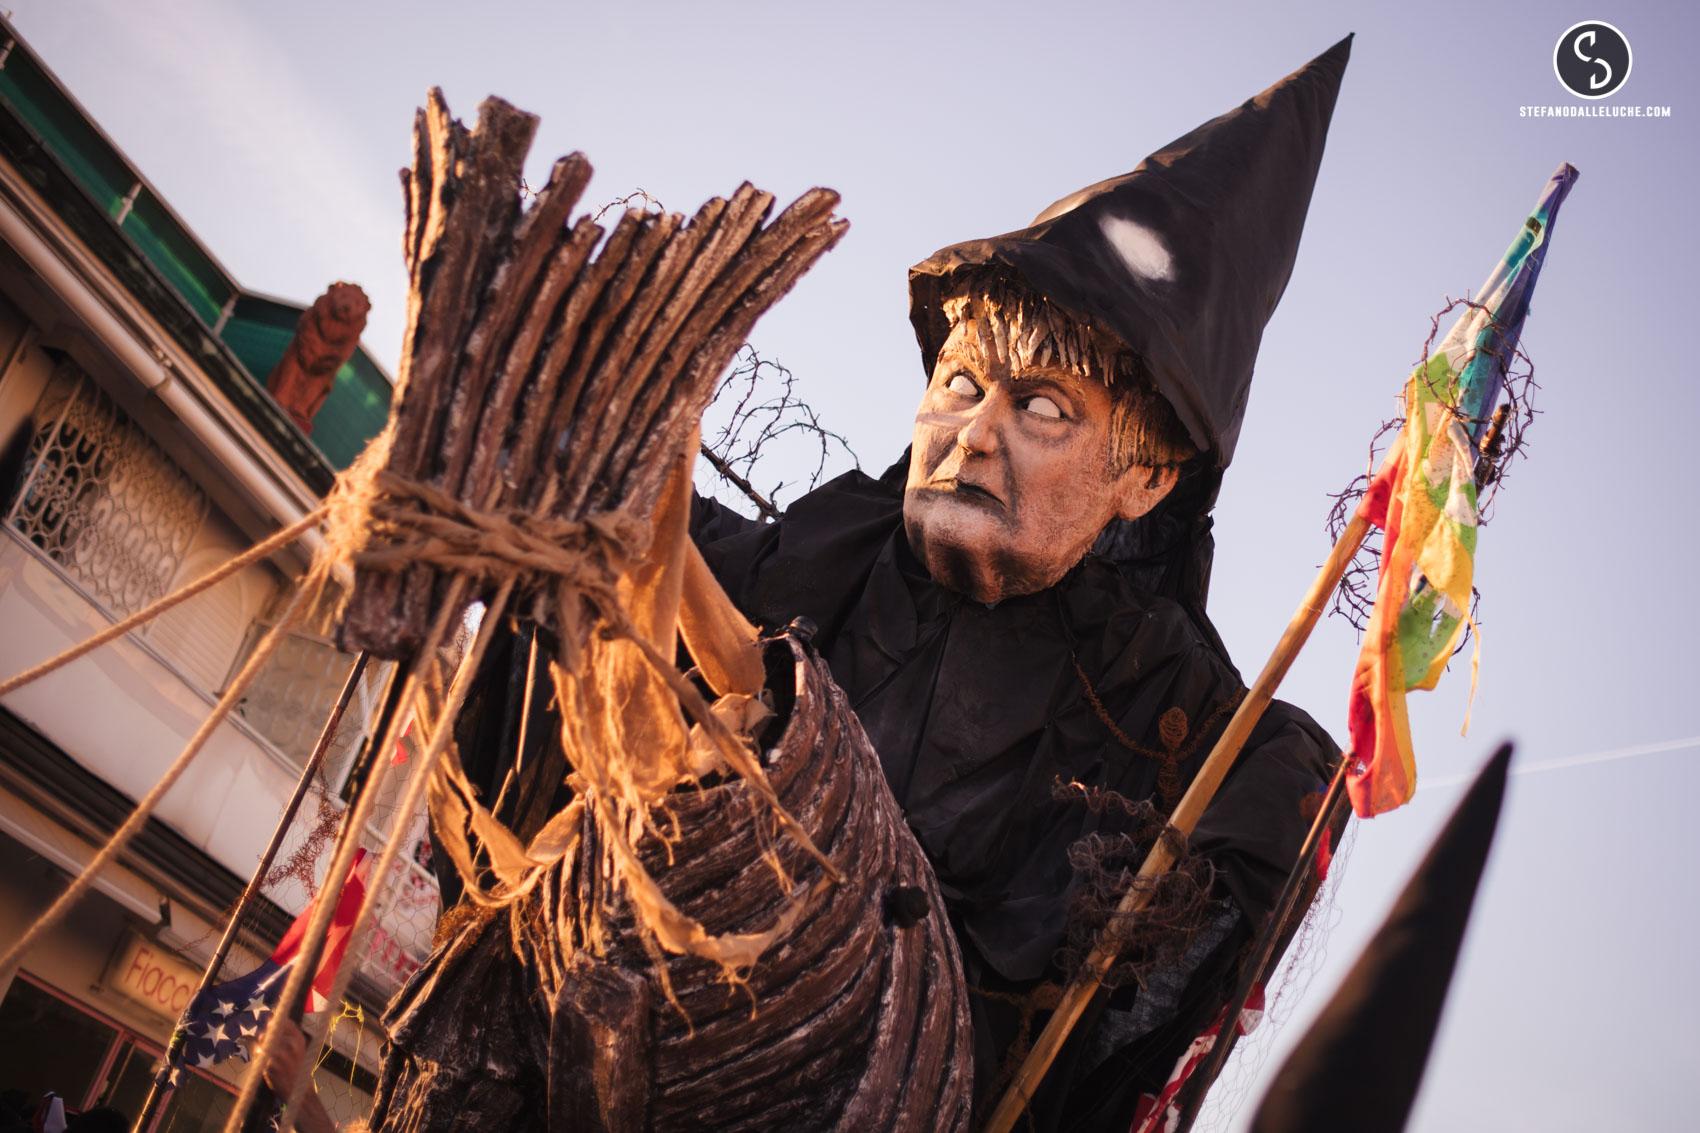 Carnevale di Viareggio 2017, le schede dei giurati delle maschere isolate